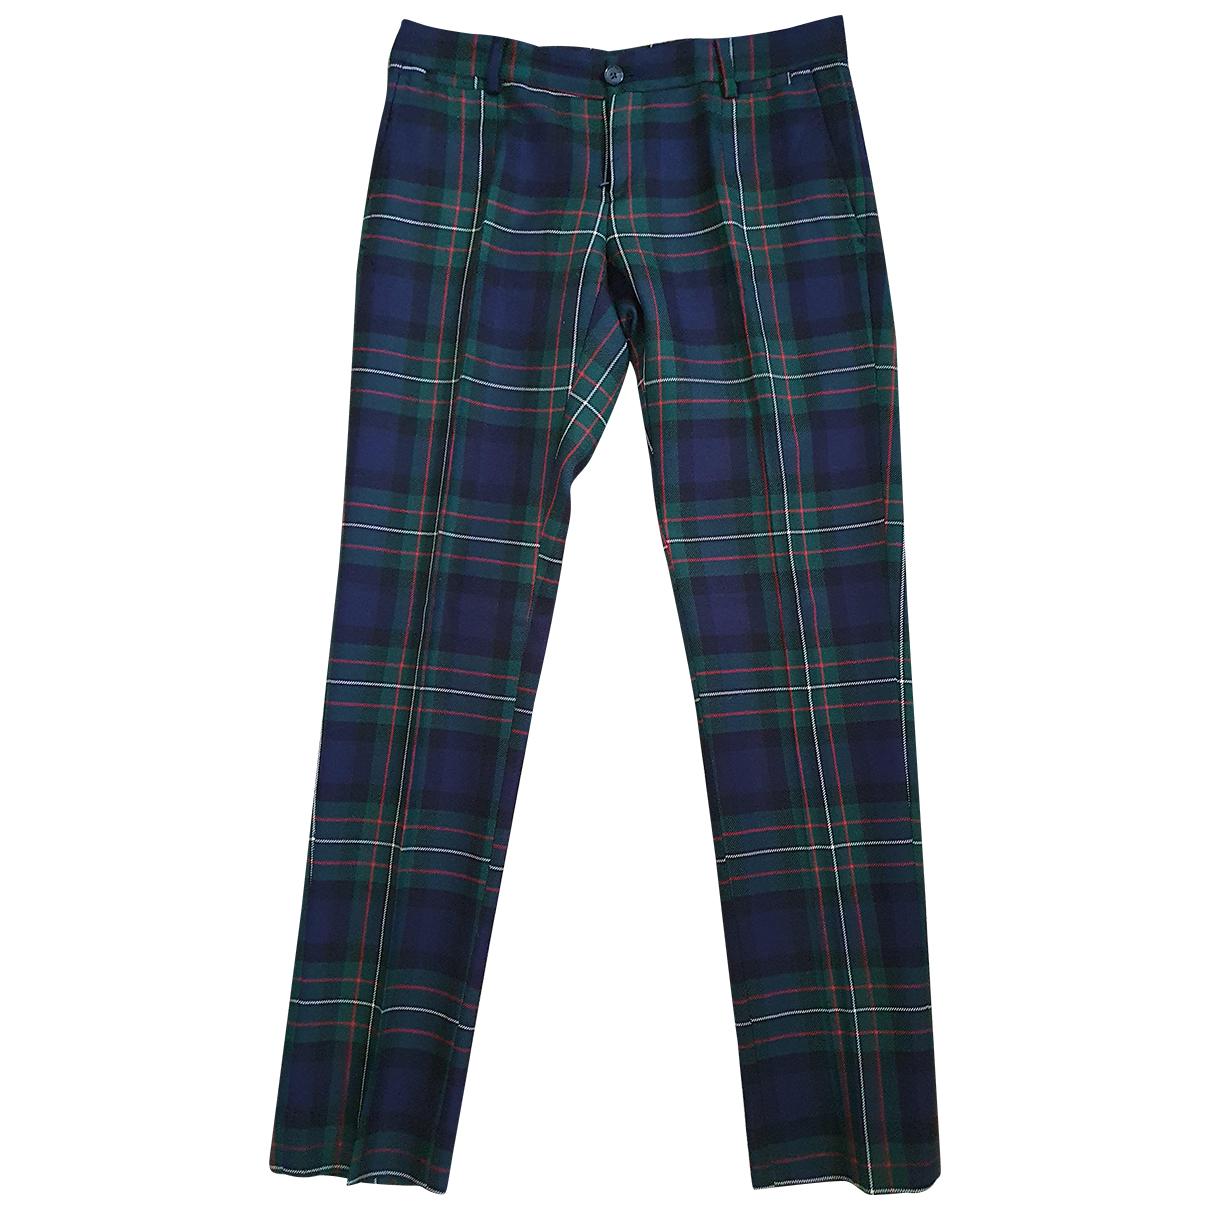 D&g - Pantalon   pour homme en laine - multicolore